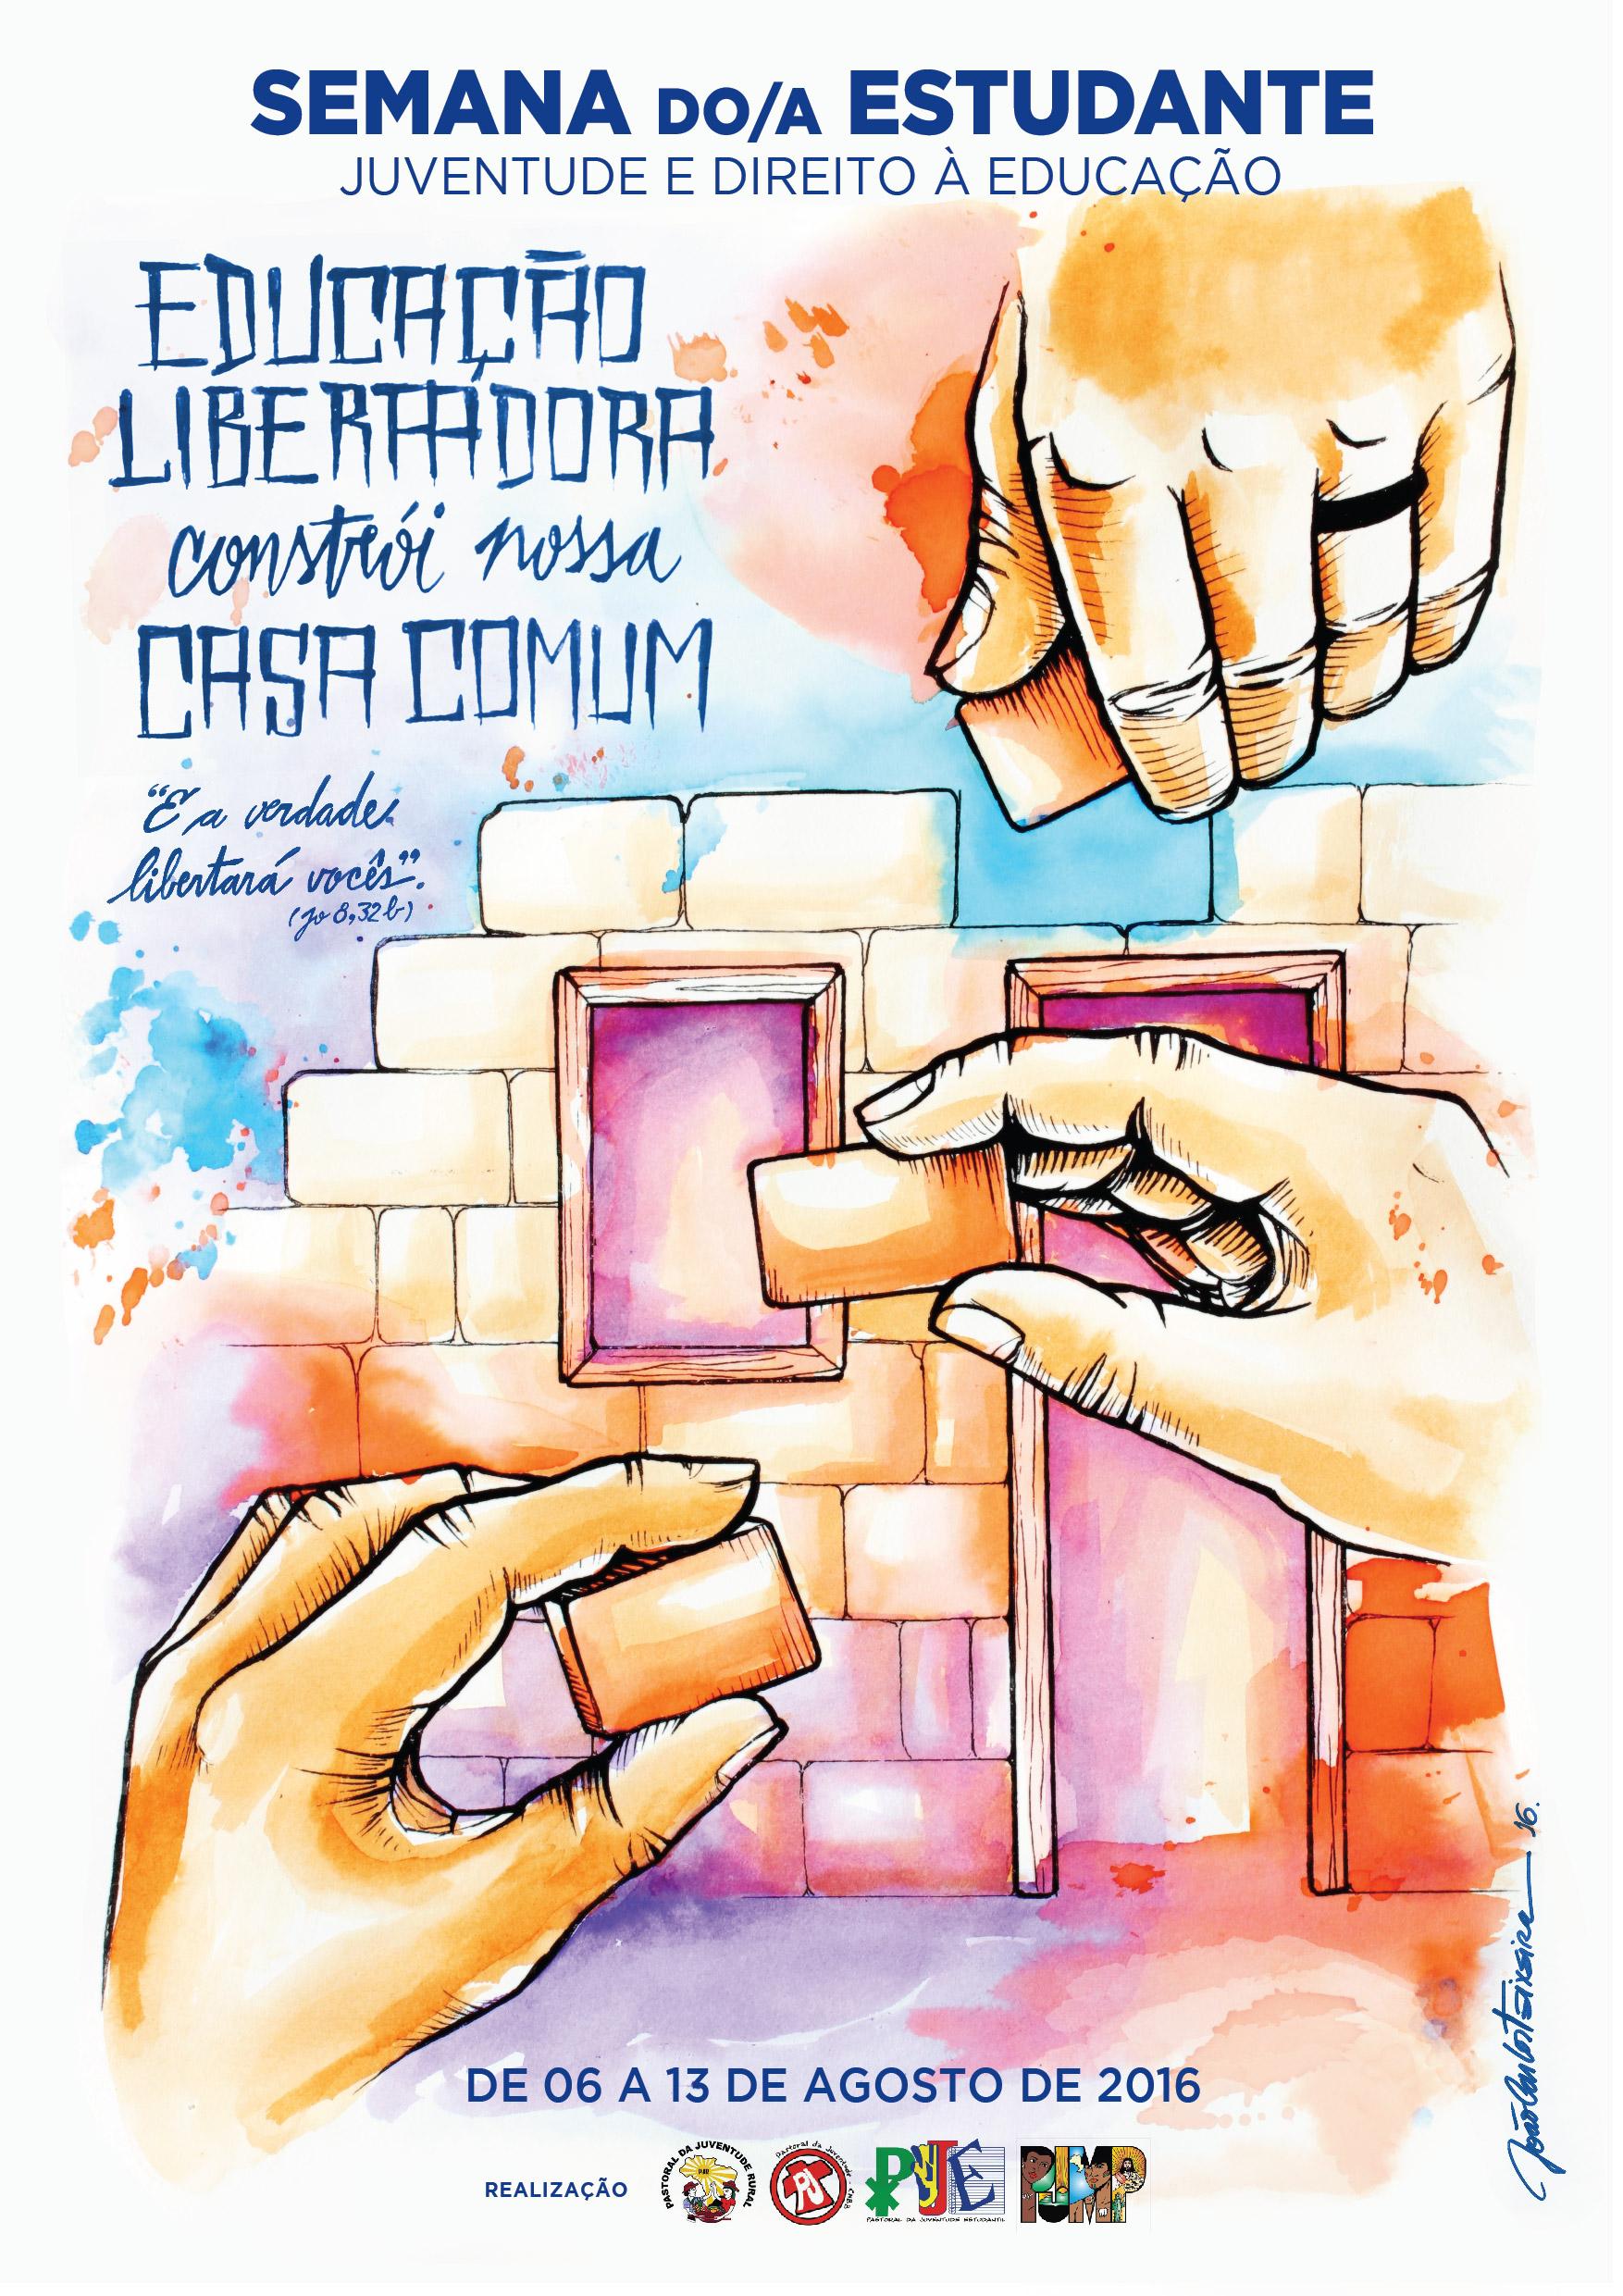 Pastorais da Juventude lançam cartaz da Semana do Estudante 2016